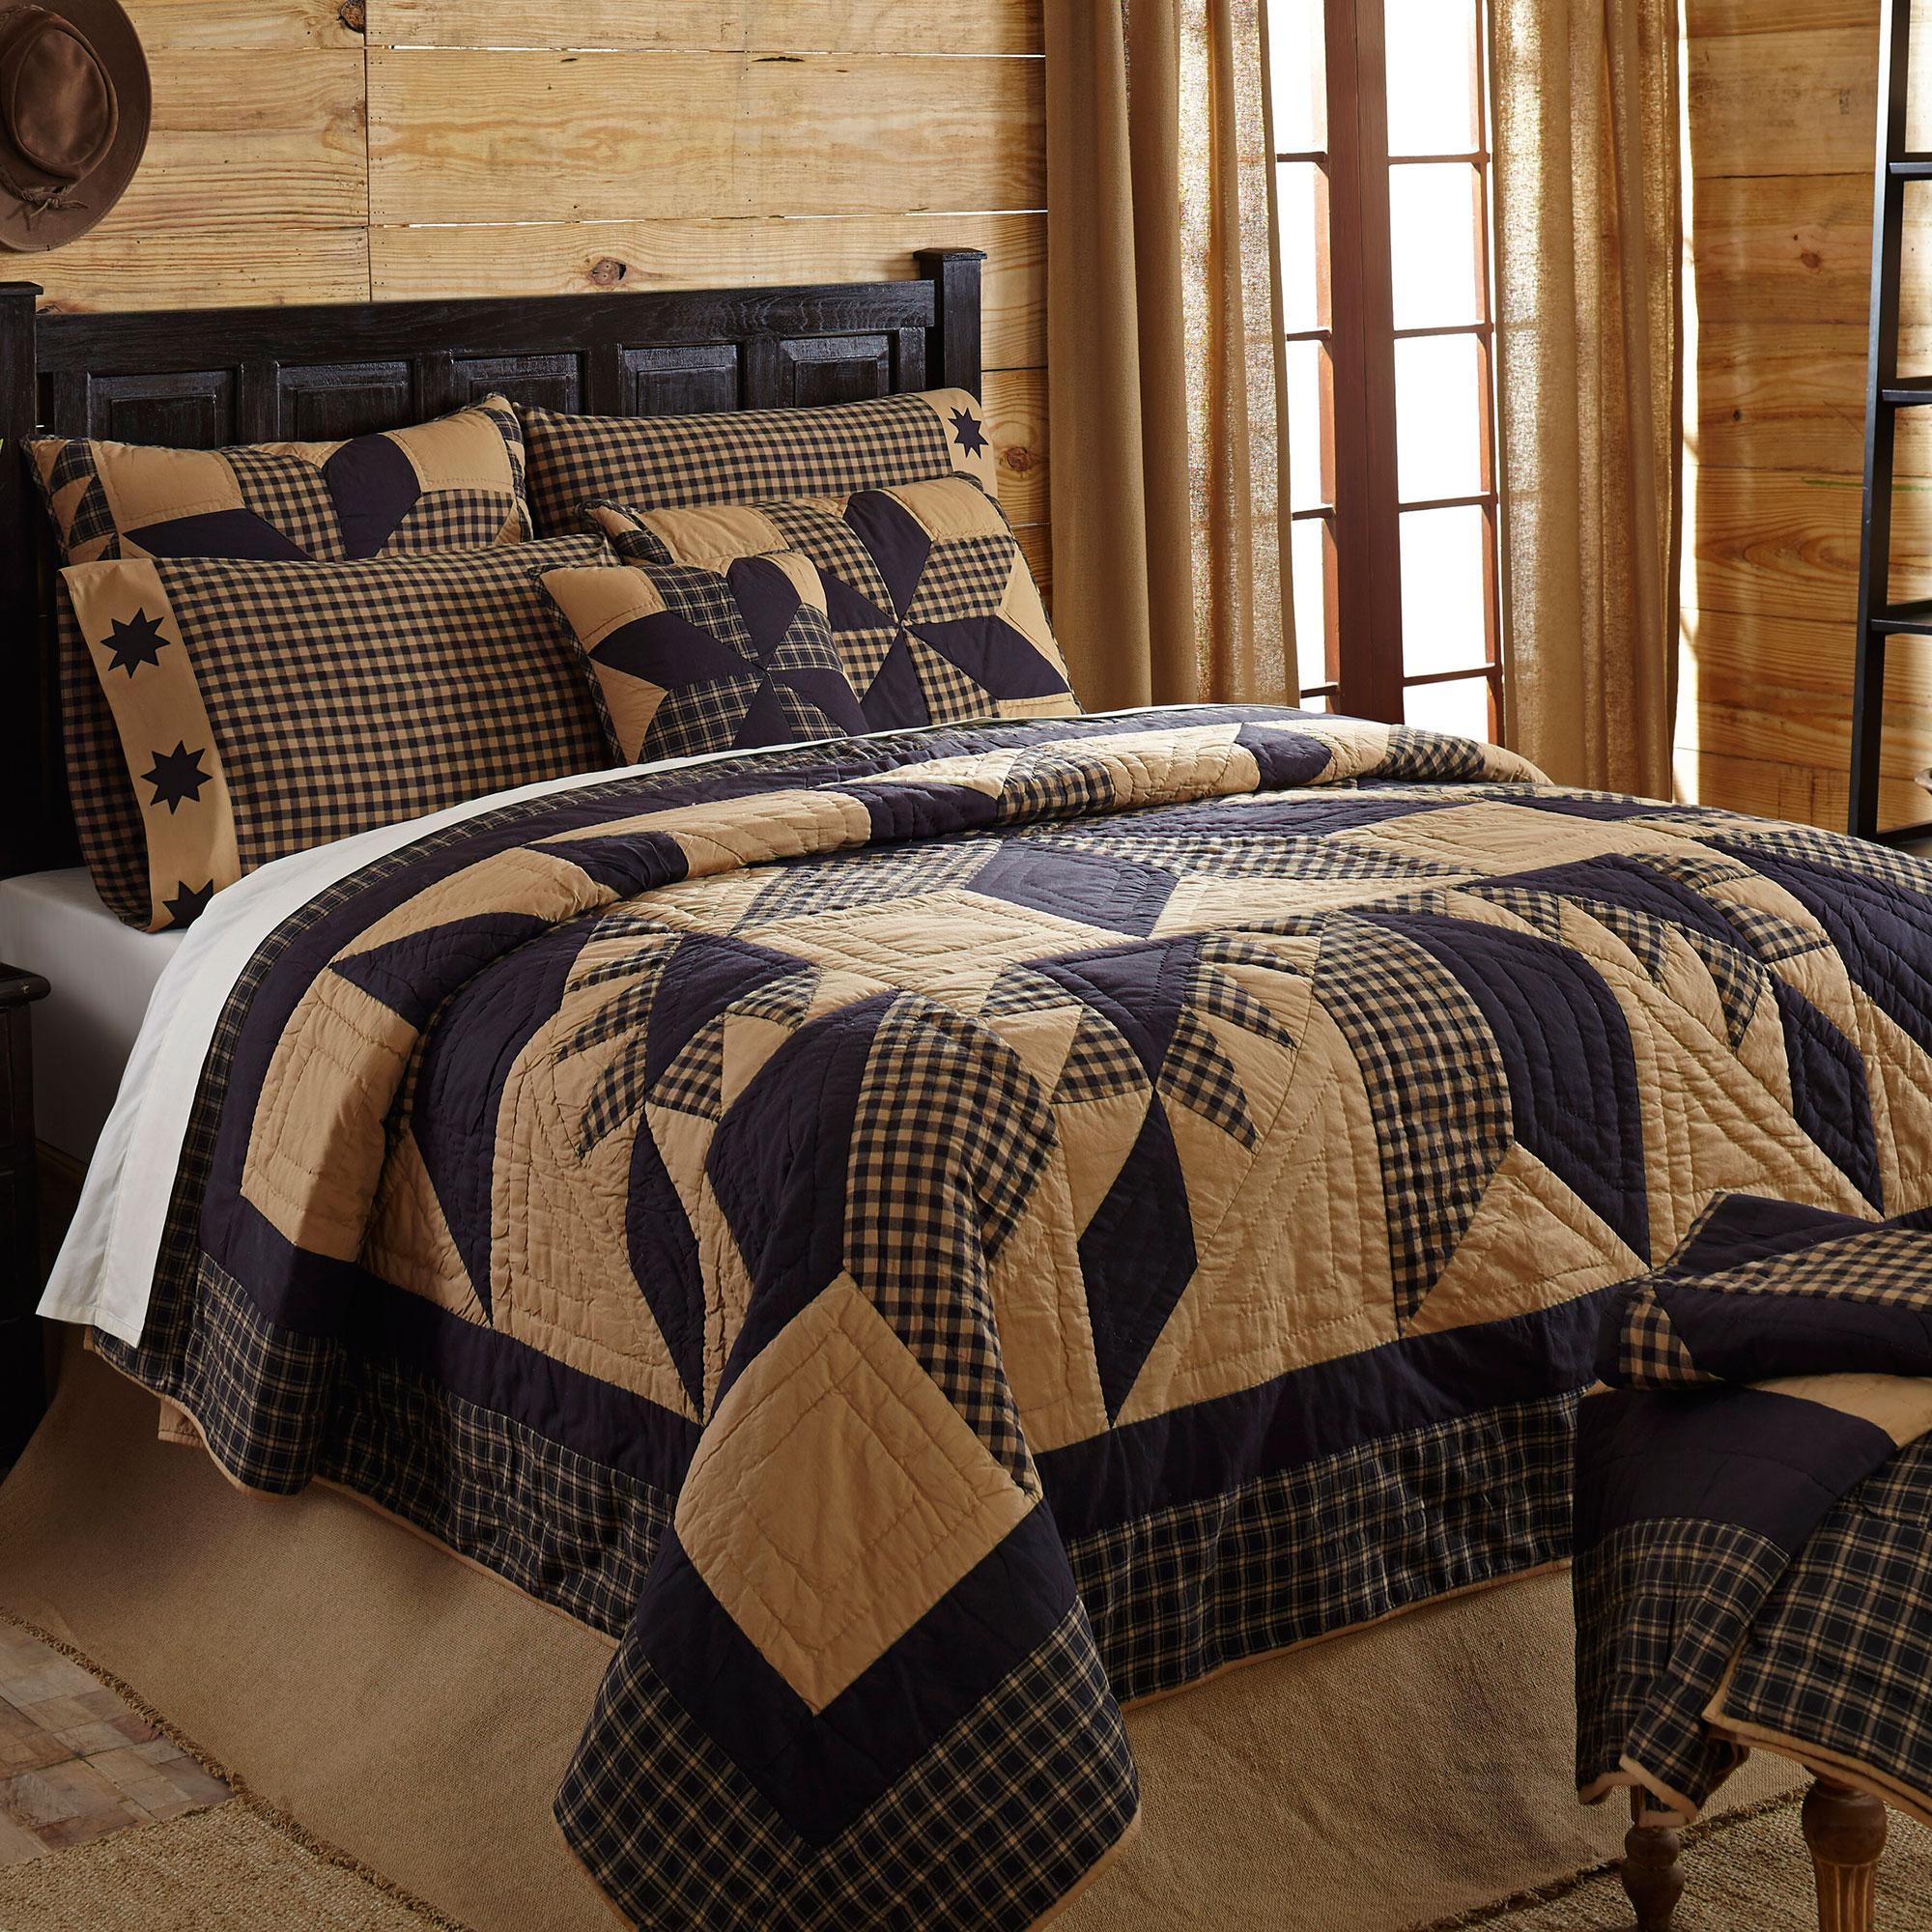 Dakota star tan black rustic primitive luxury king queen twin quilt